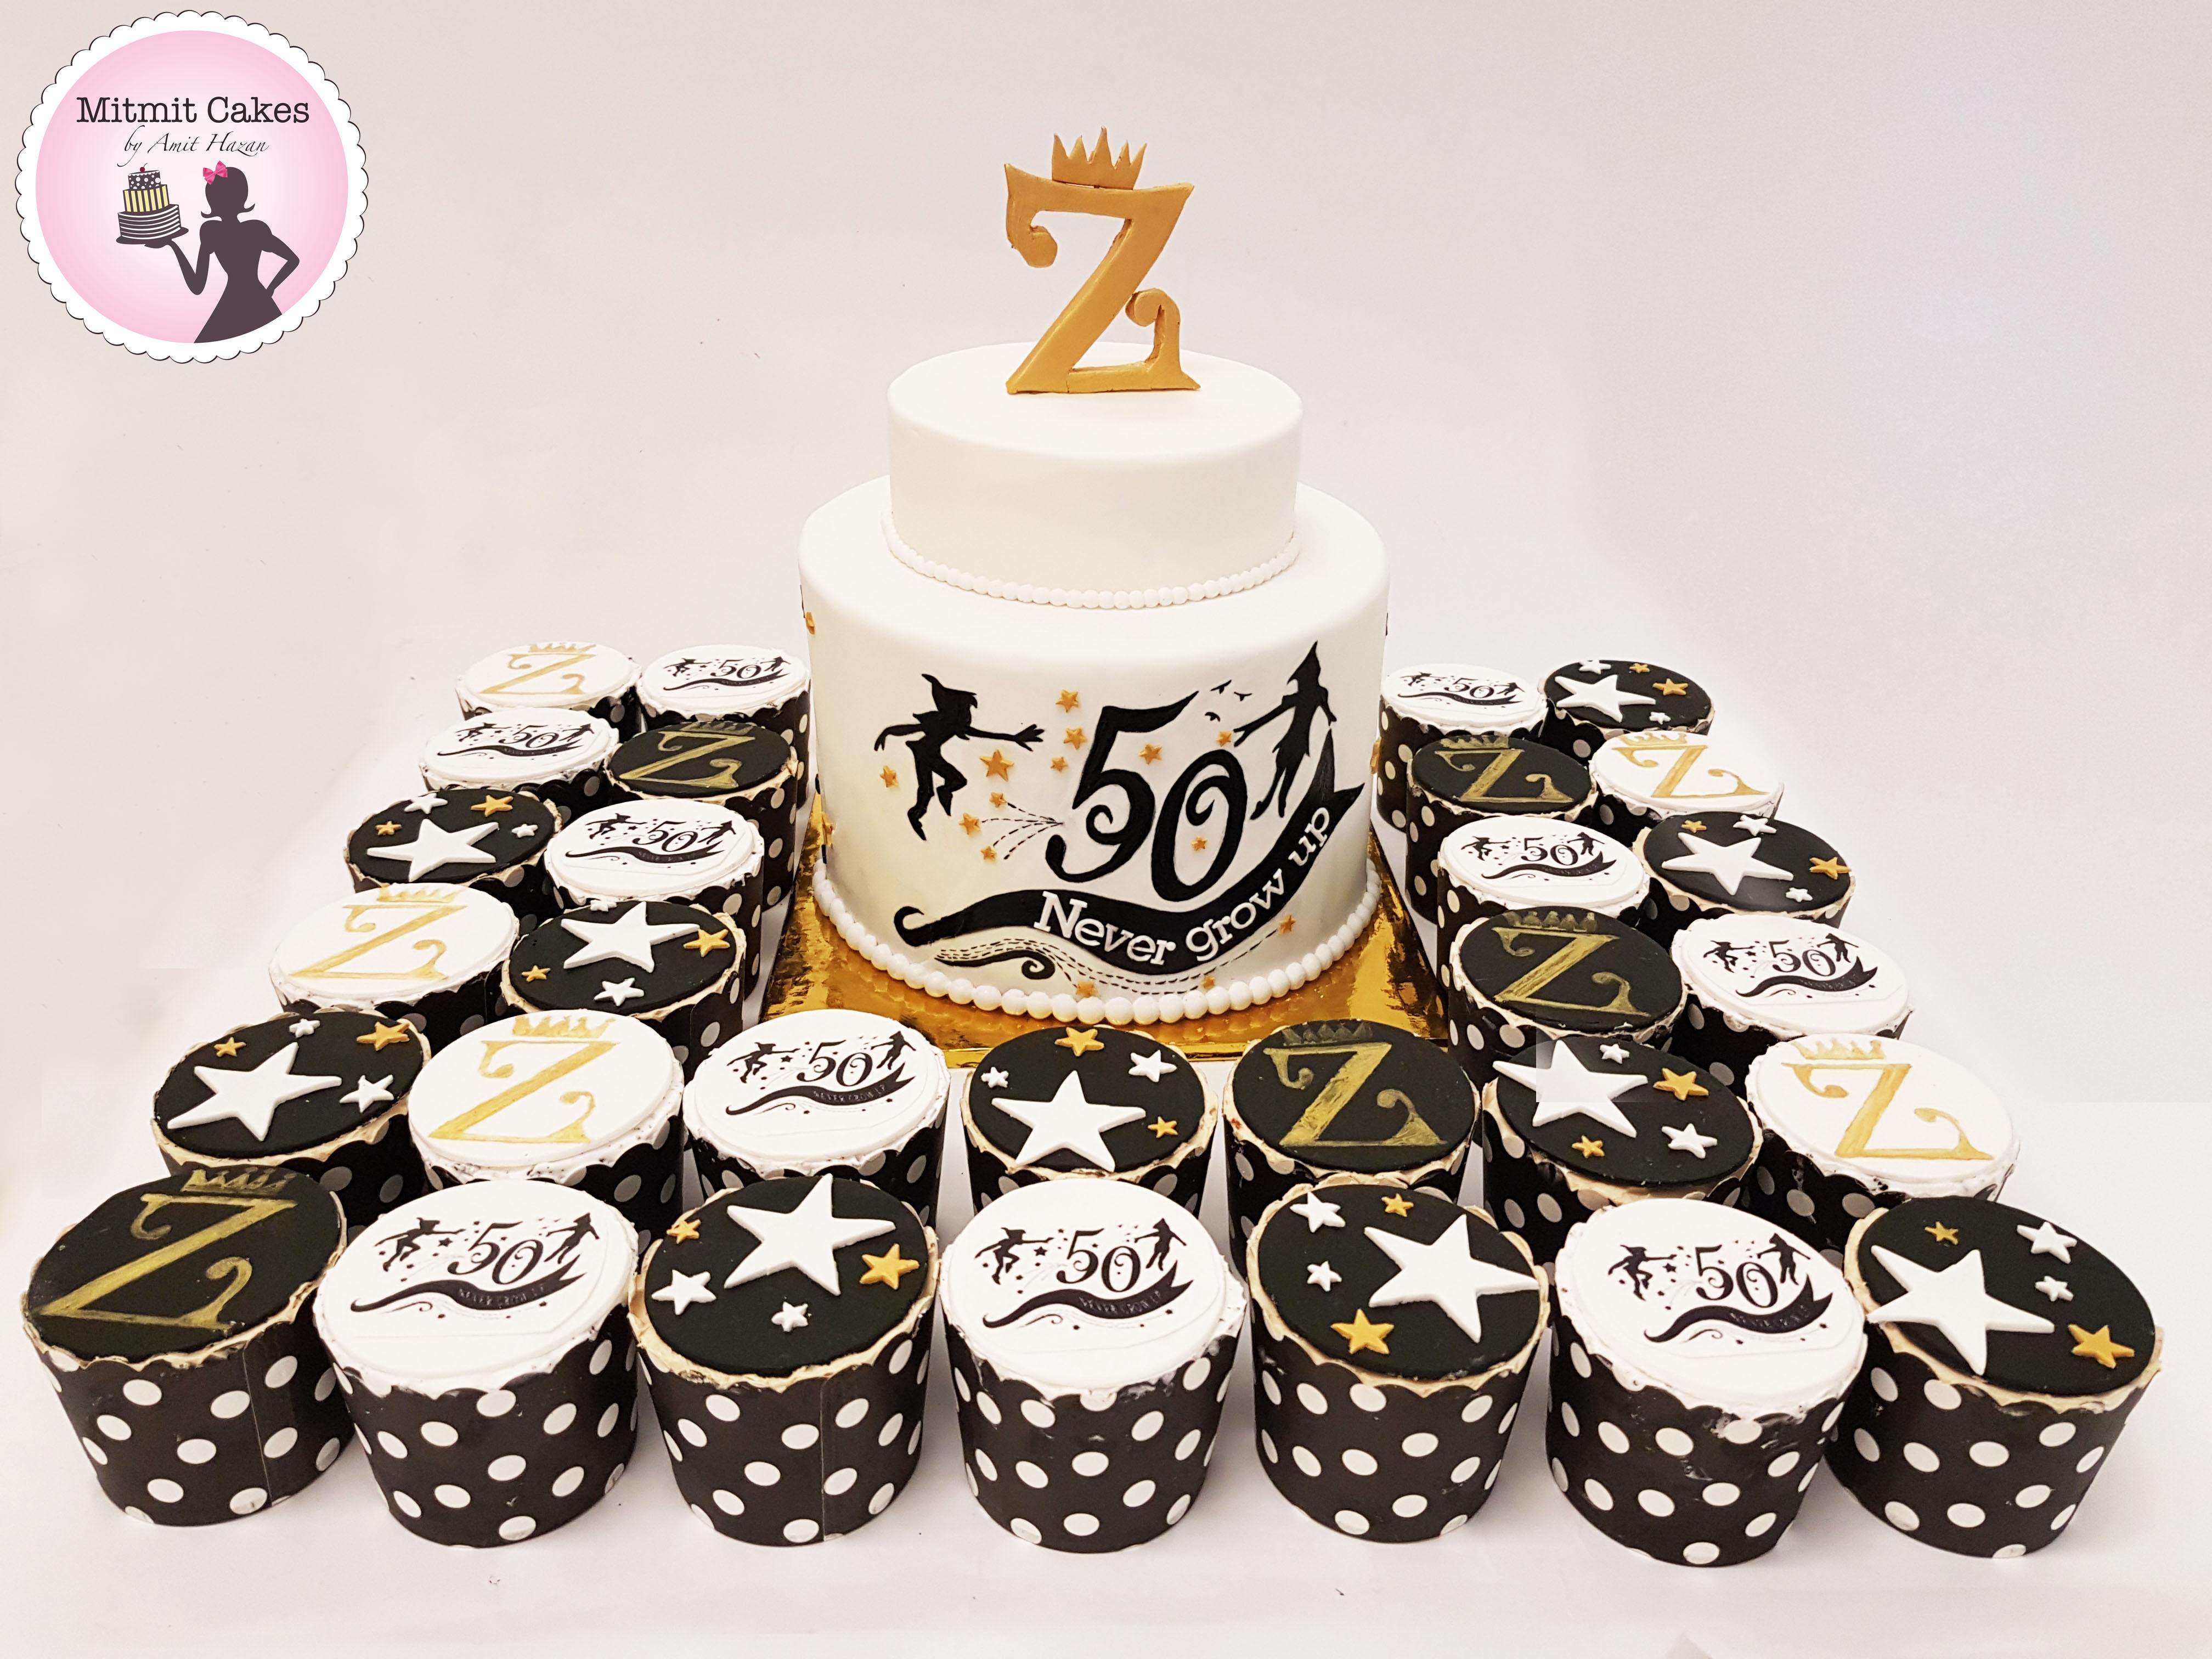 עוגה וקאפקייקס ממותגים לחגיגות 50